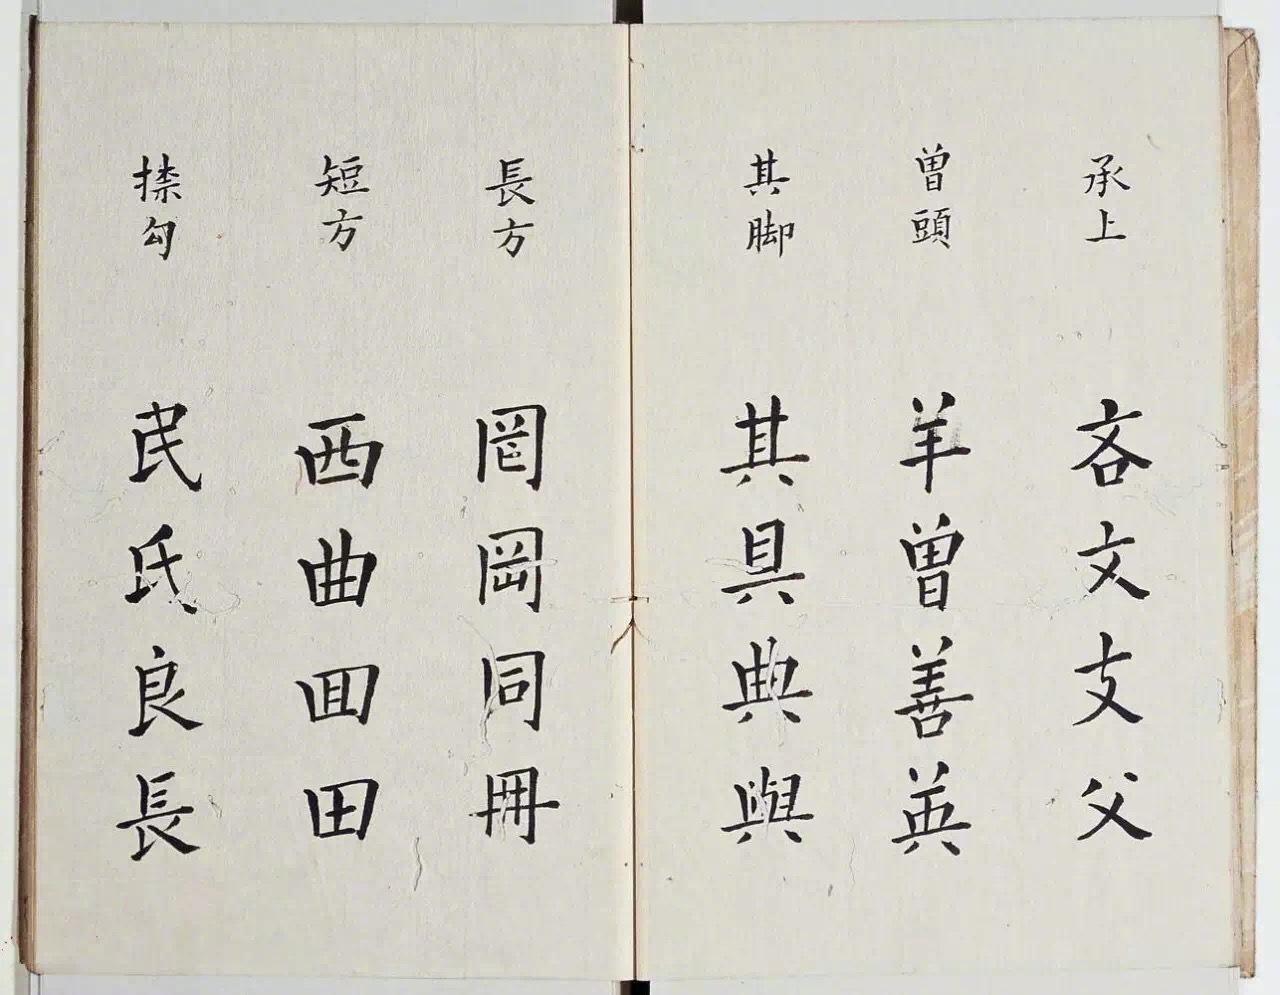 谈楷书结构,明代教材。李淳,明朝人,号憩菴,湖南茶陵人。东阳父